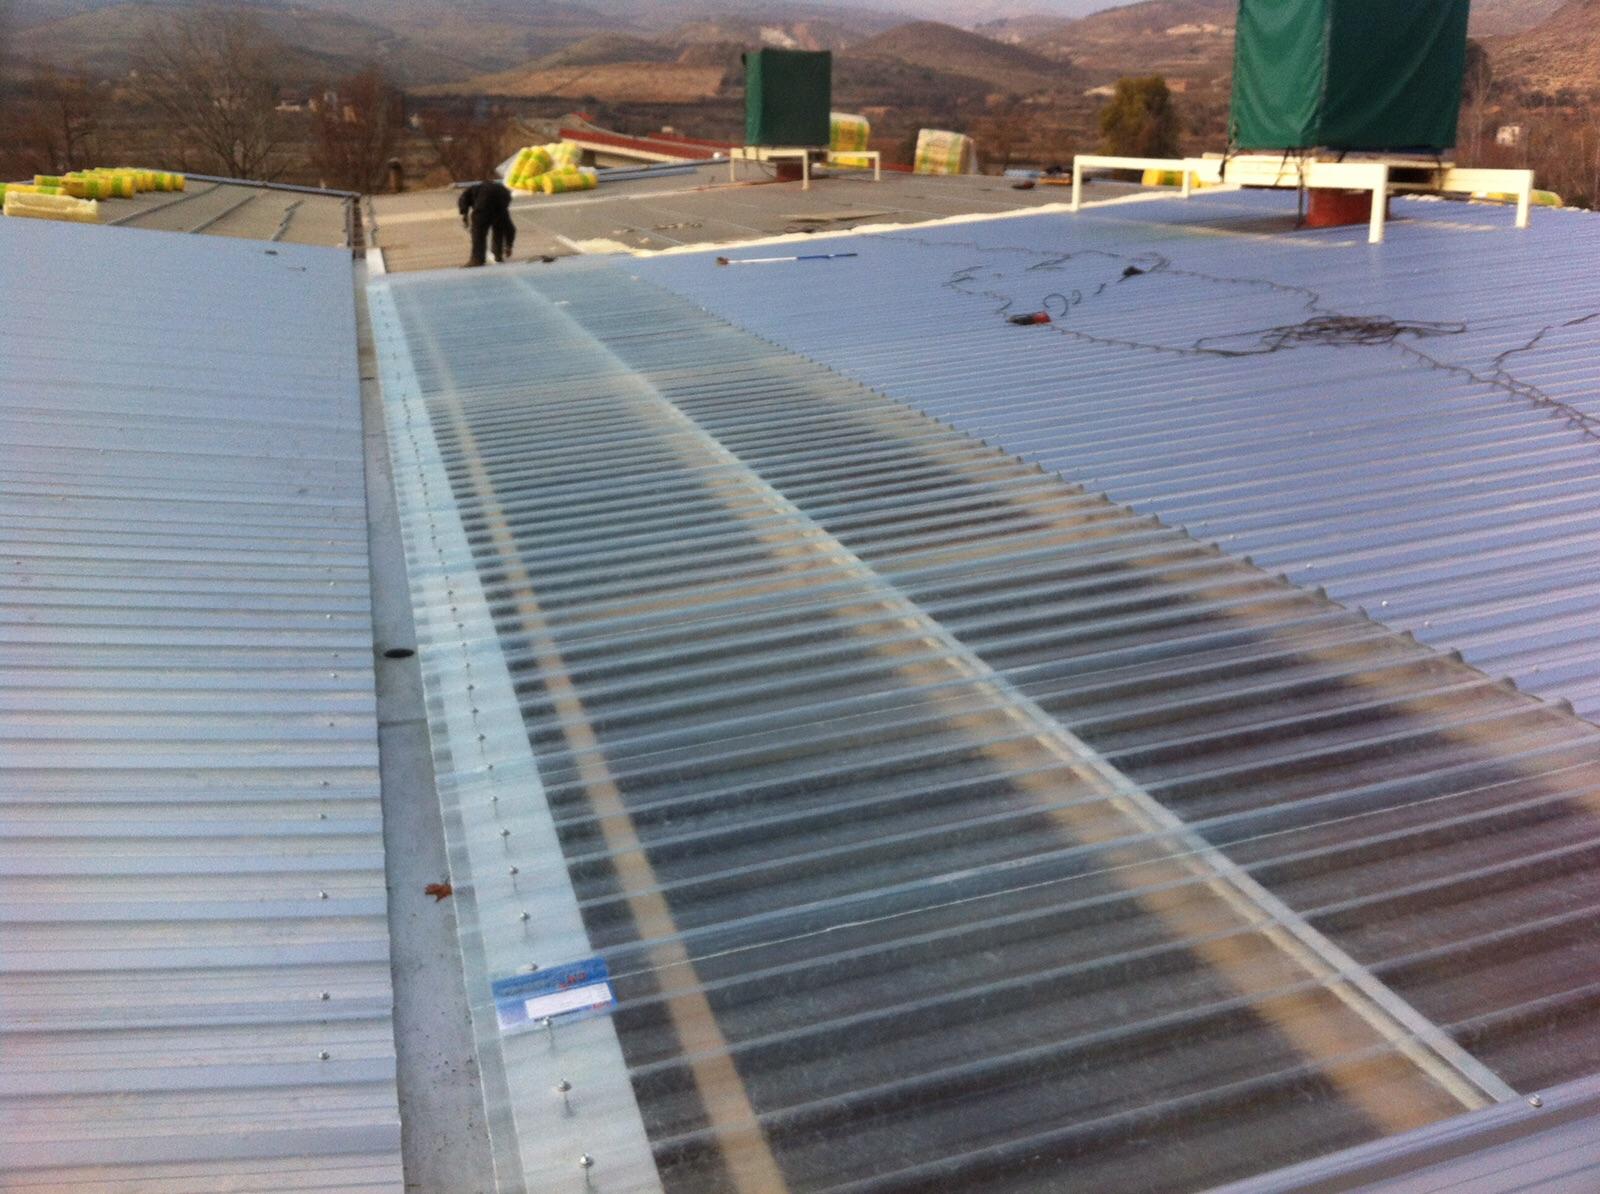 Doblado de cubierta sobre uralita con chapa de acero y aislamiento térmico. Romulo Benedi. Morés Zaragoza